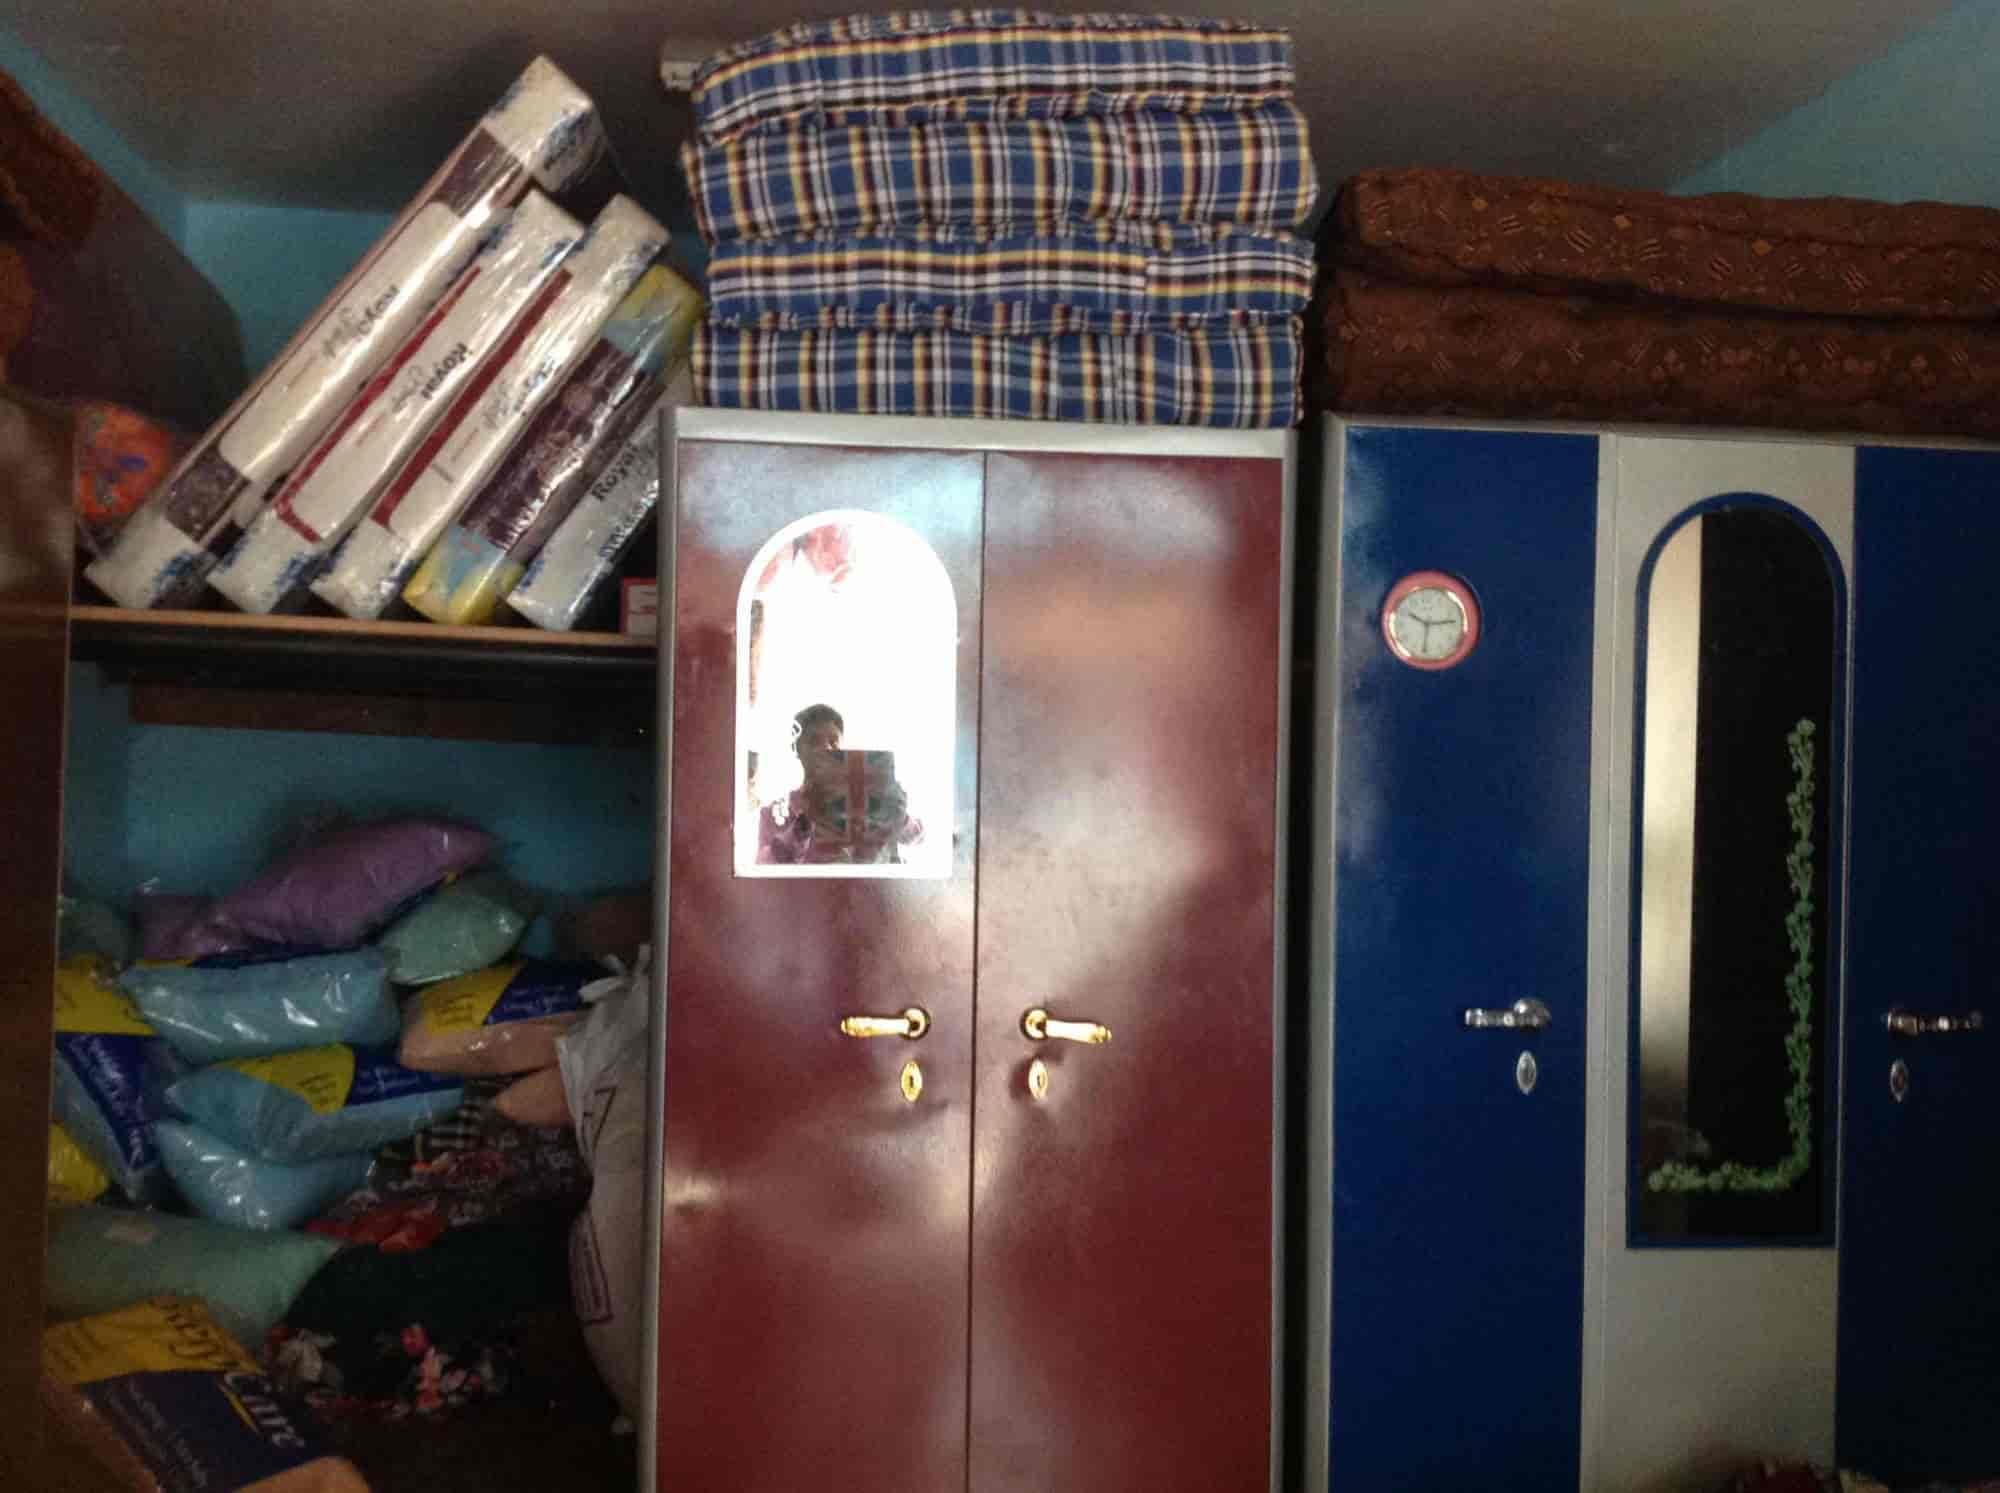 Karnataka Bedding House & Furnitures Electronic City Furniture